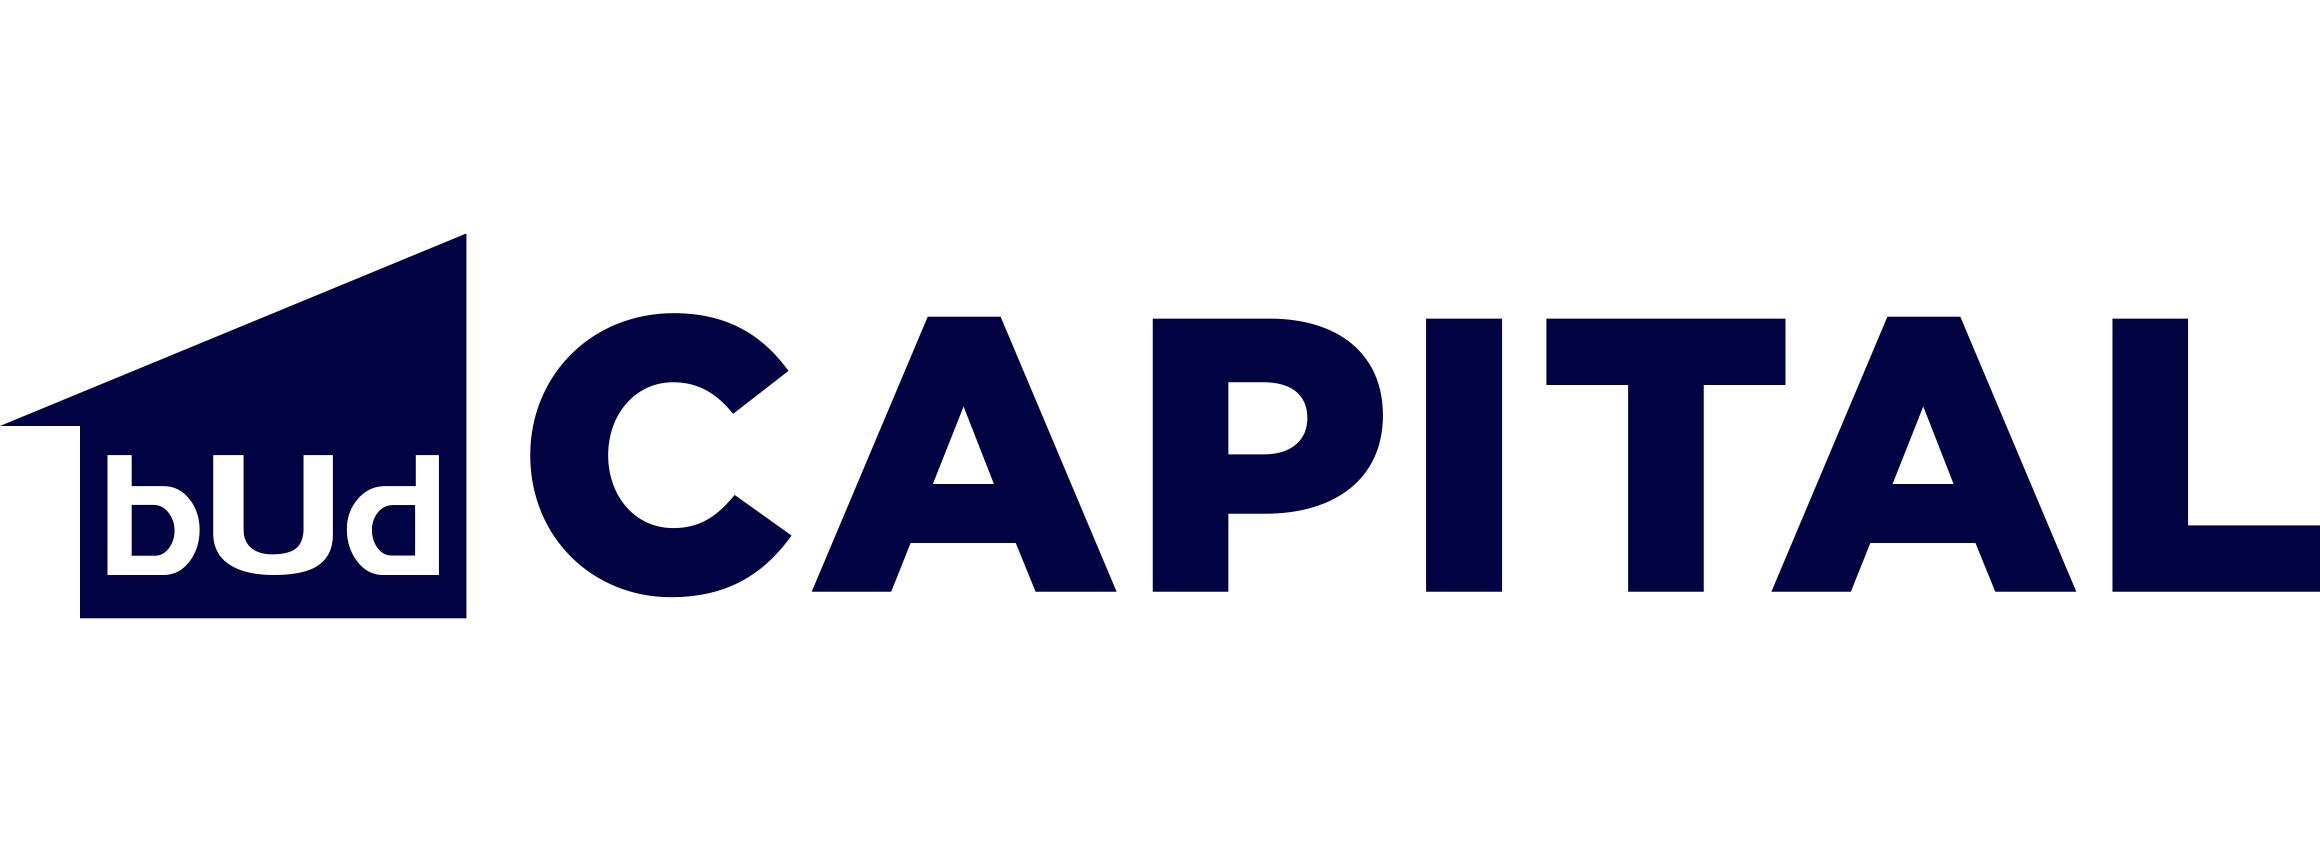 До 15% знижки у житлових комплексах компанії BudCapital